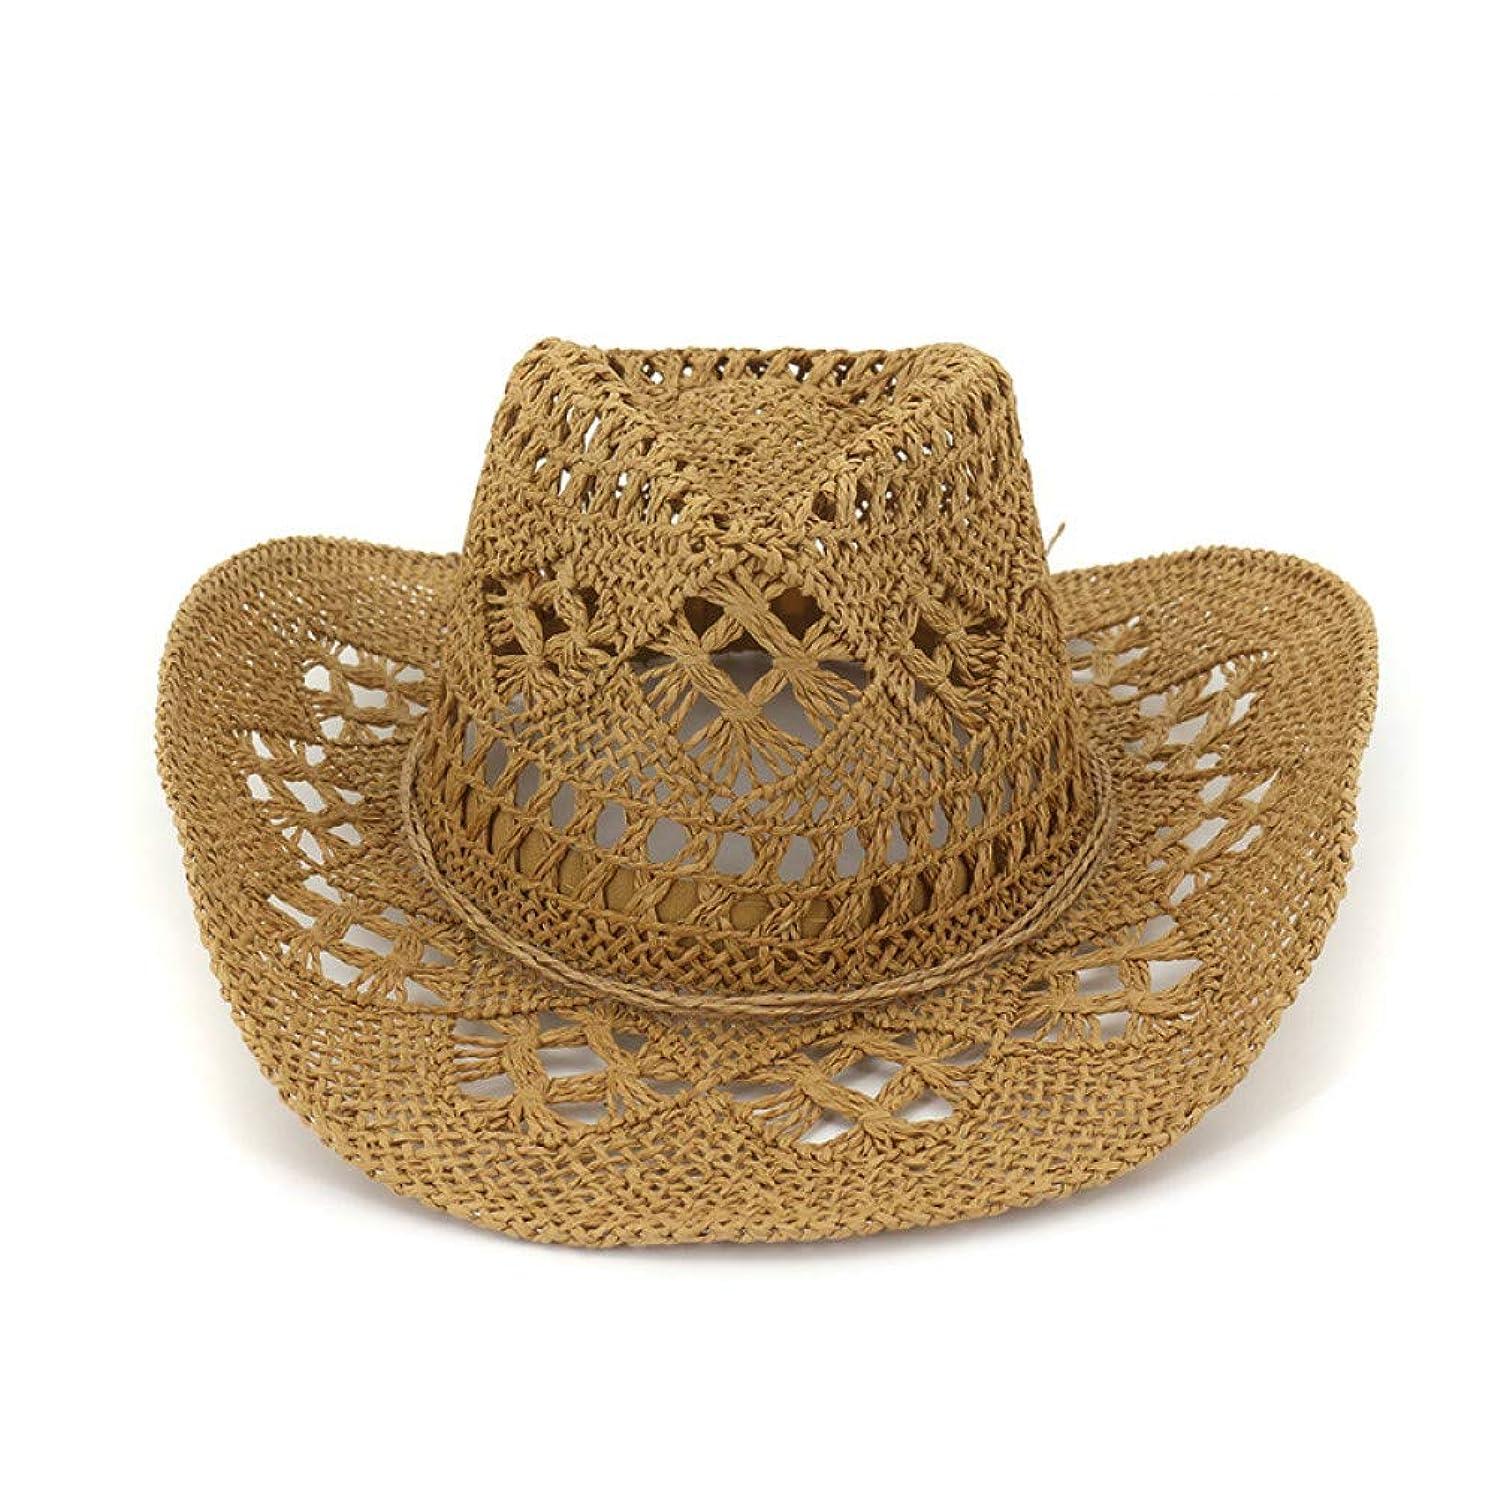 本おじいちゃん昇進麦わら帽子男性夏のビーチの太陽の帽子手編みの麦わら帽子の男性と女性のカップルの太陽の帽子